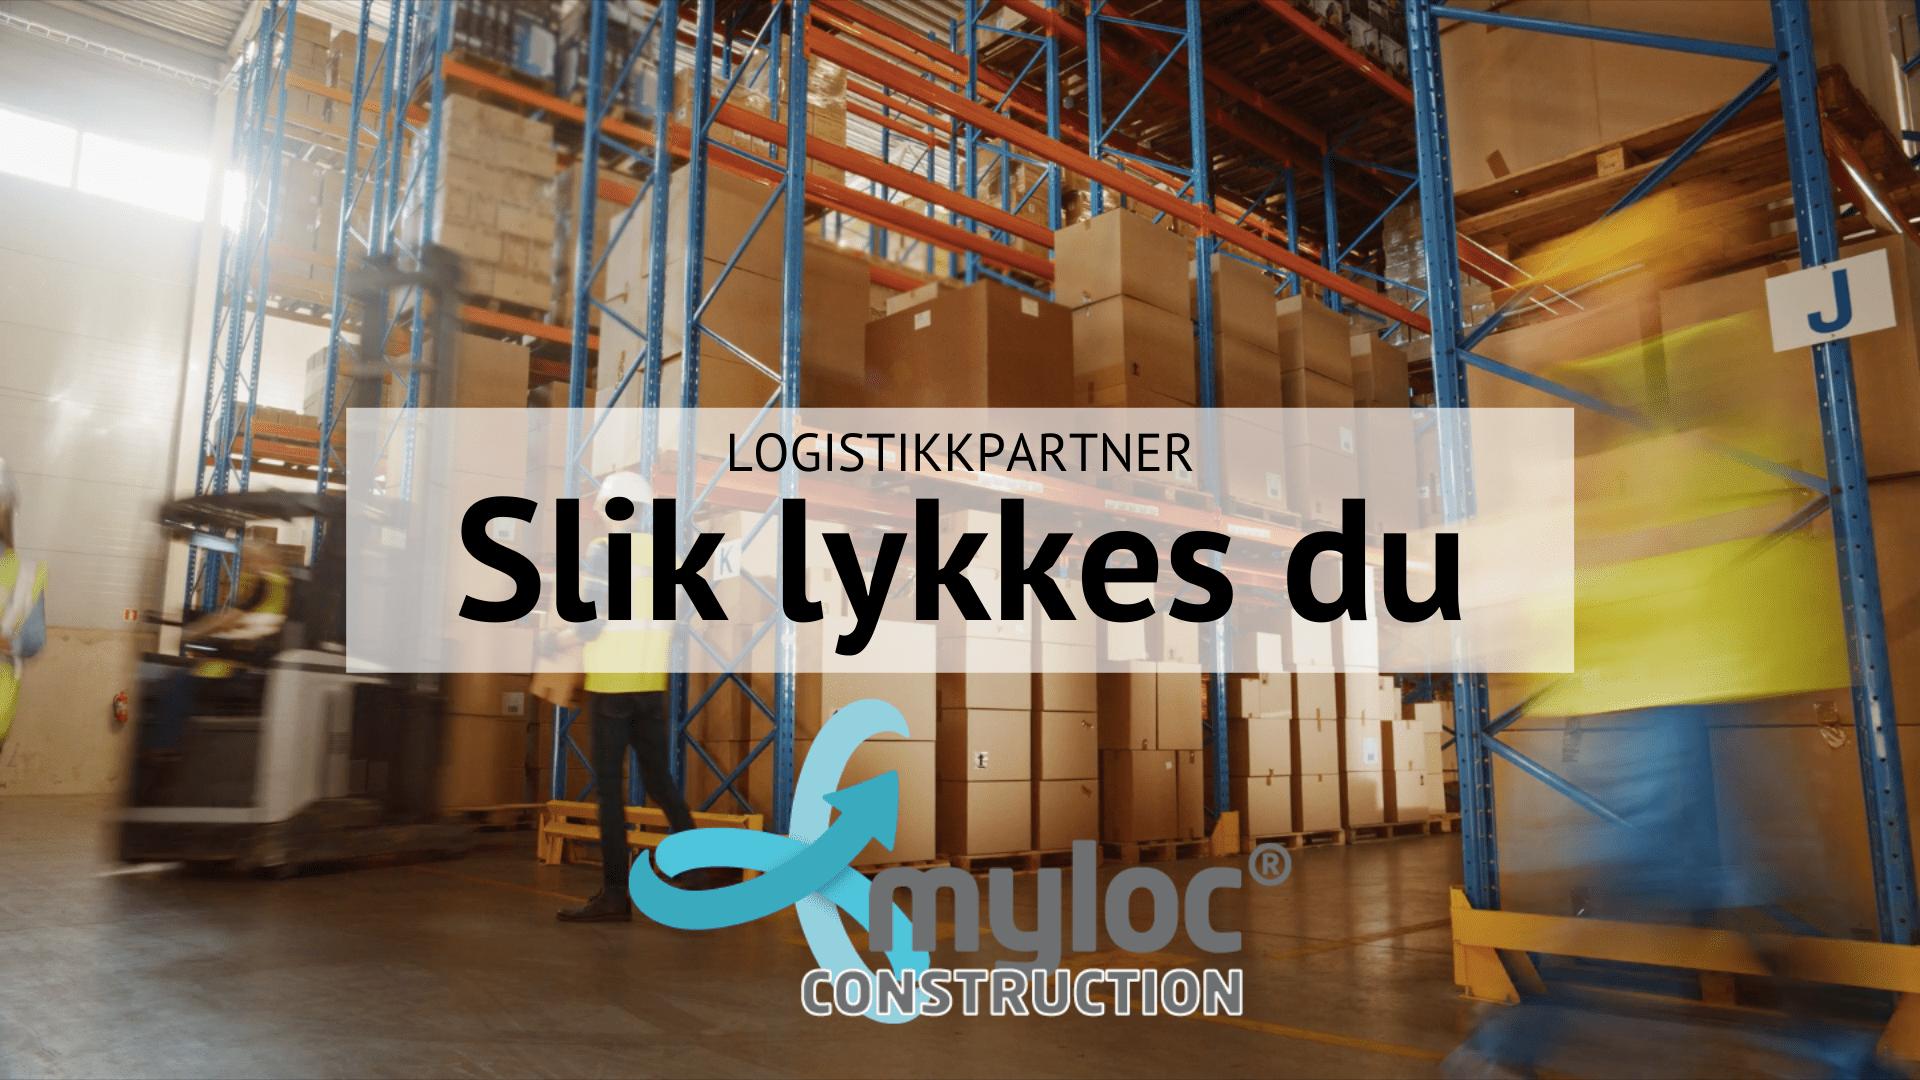 Logistikkpartner slik lykkes du Myloc Construction